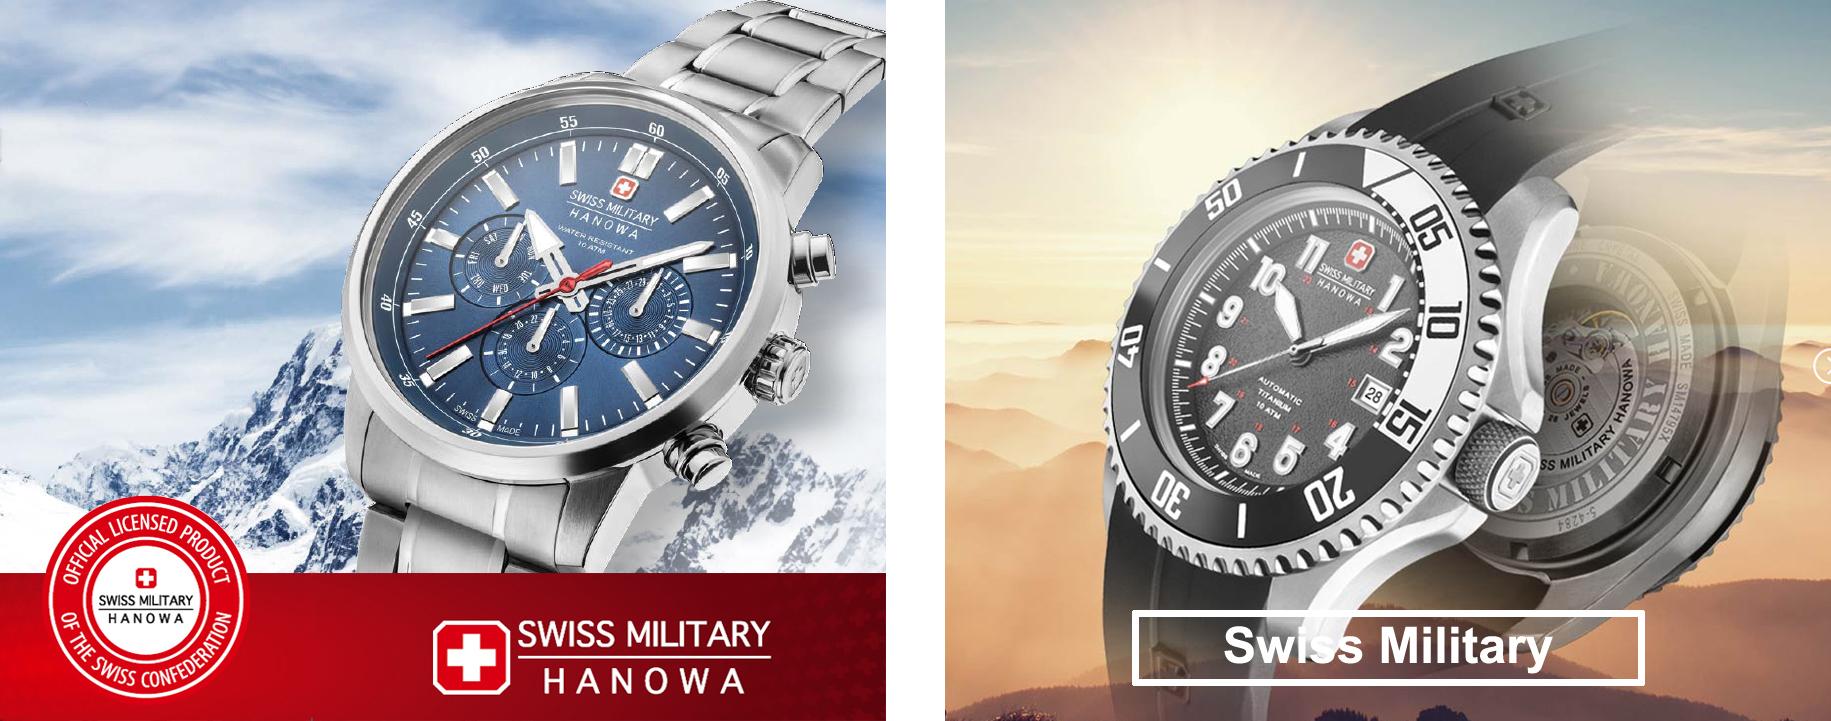 c1f460d9ea86 Интернет-магазин швейцарских часов ведущих брендов - Купить оригинальные  швейцарские наручные часы известных брендов в салоне часов WatchBe.ru